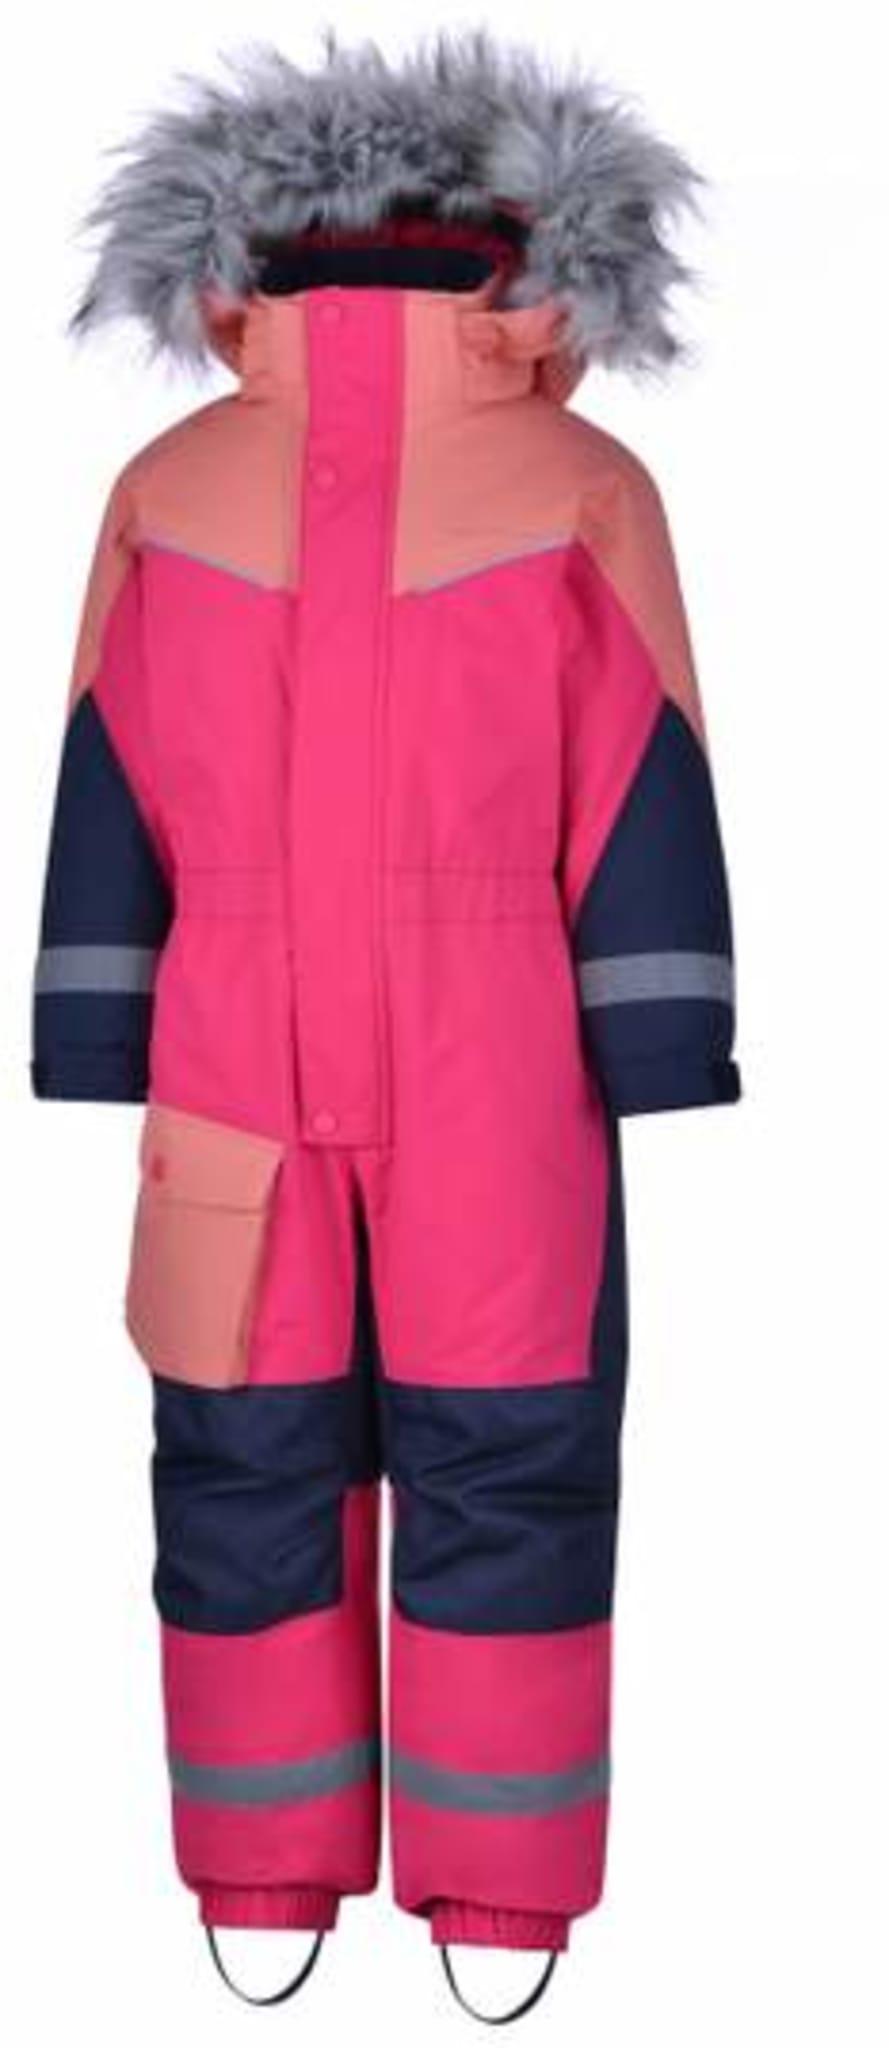 Funksjonell og slitesterk dress for aktive barn